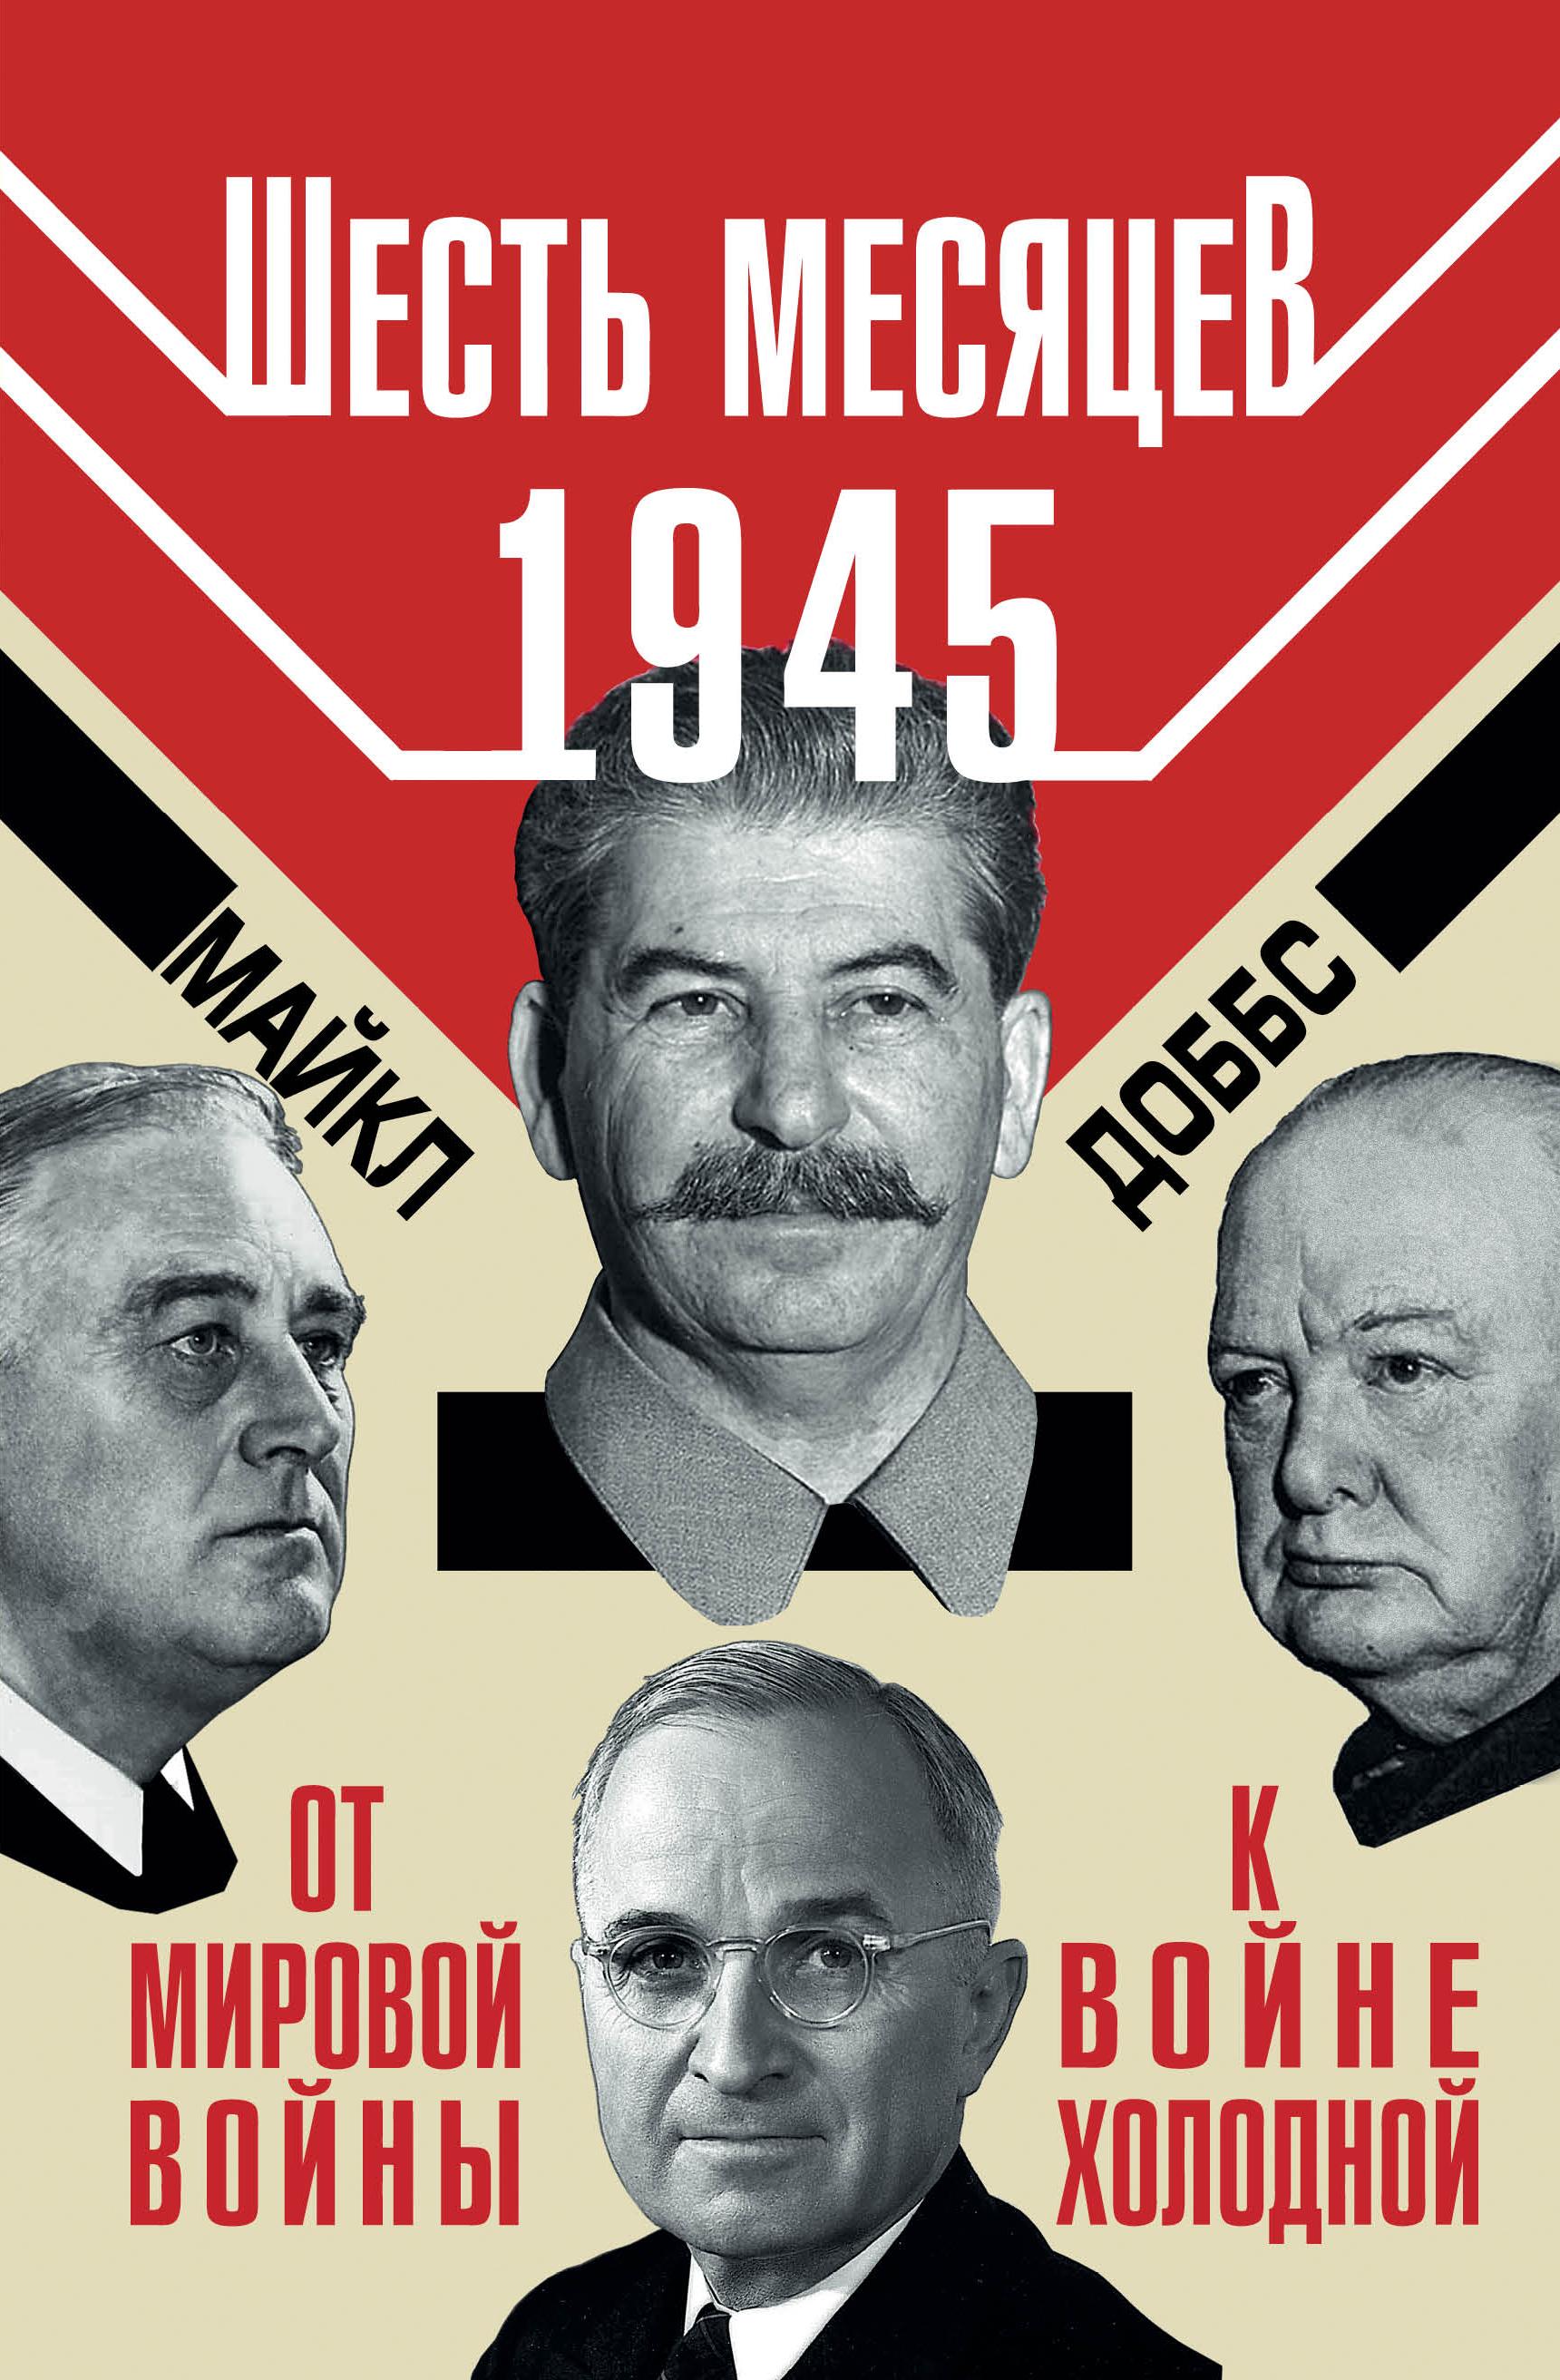 Шесть месяцев 1945 г. От Мировой войны к войне холодной